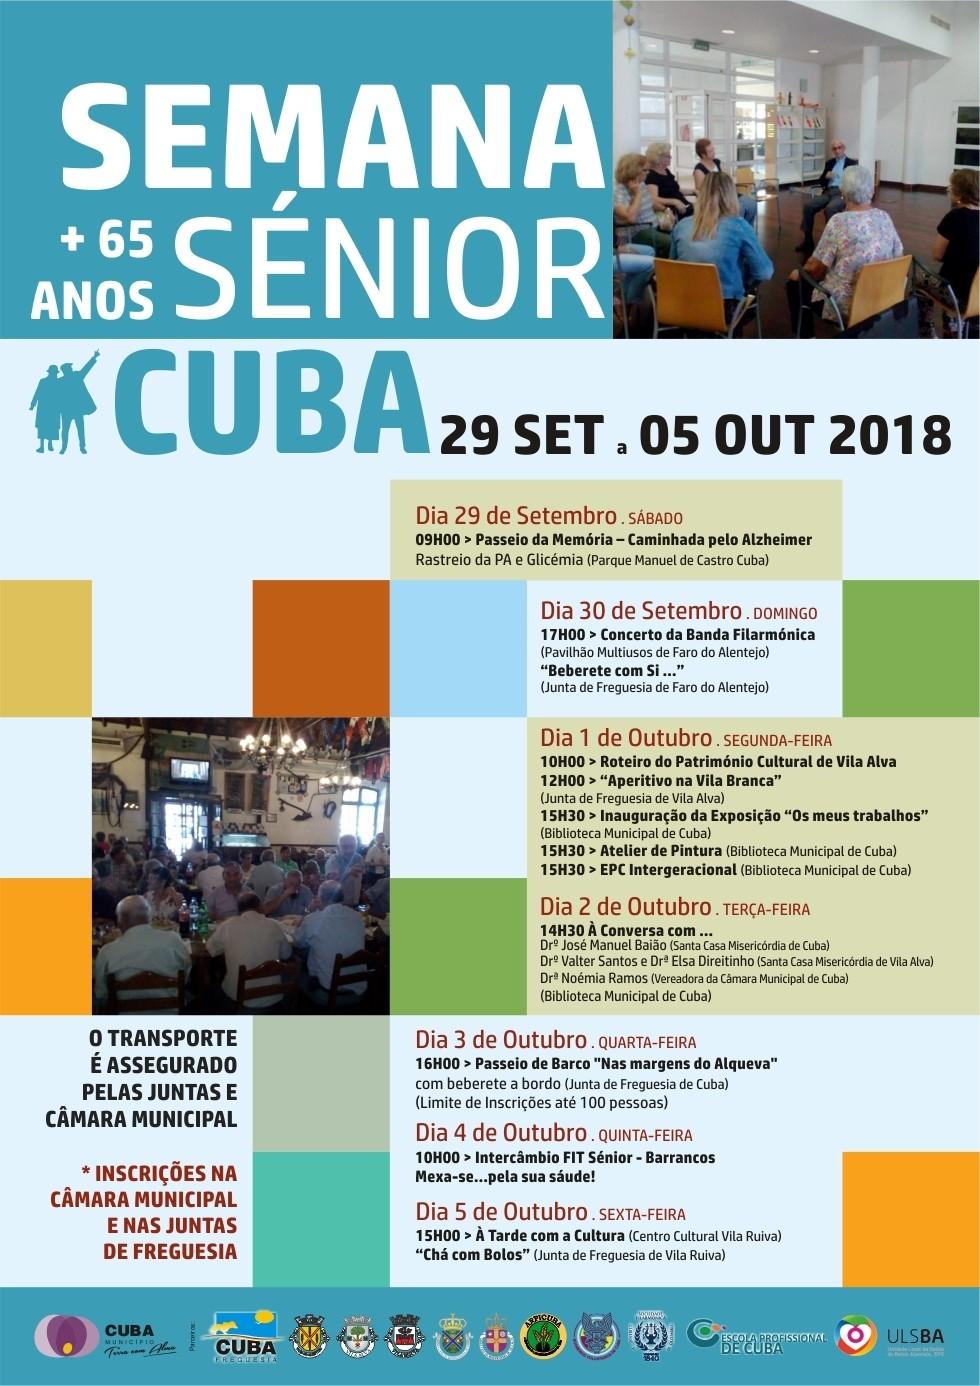 Semana Sénior Cuba 2018